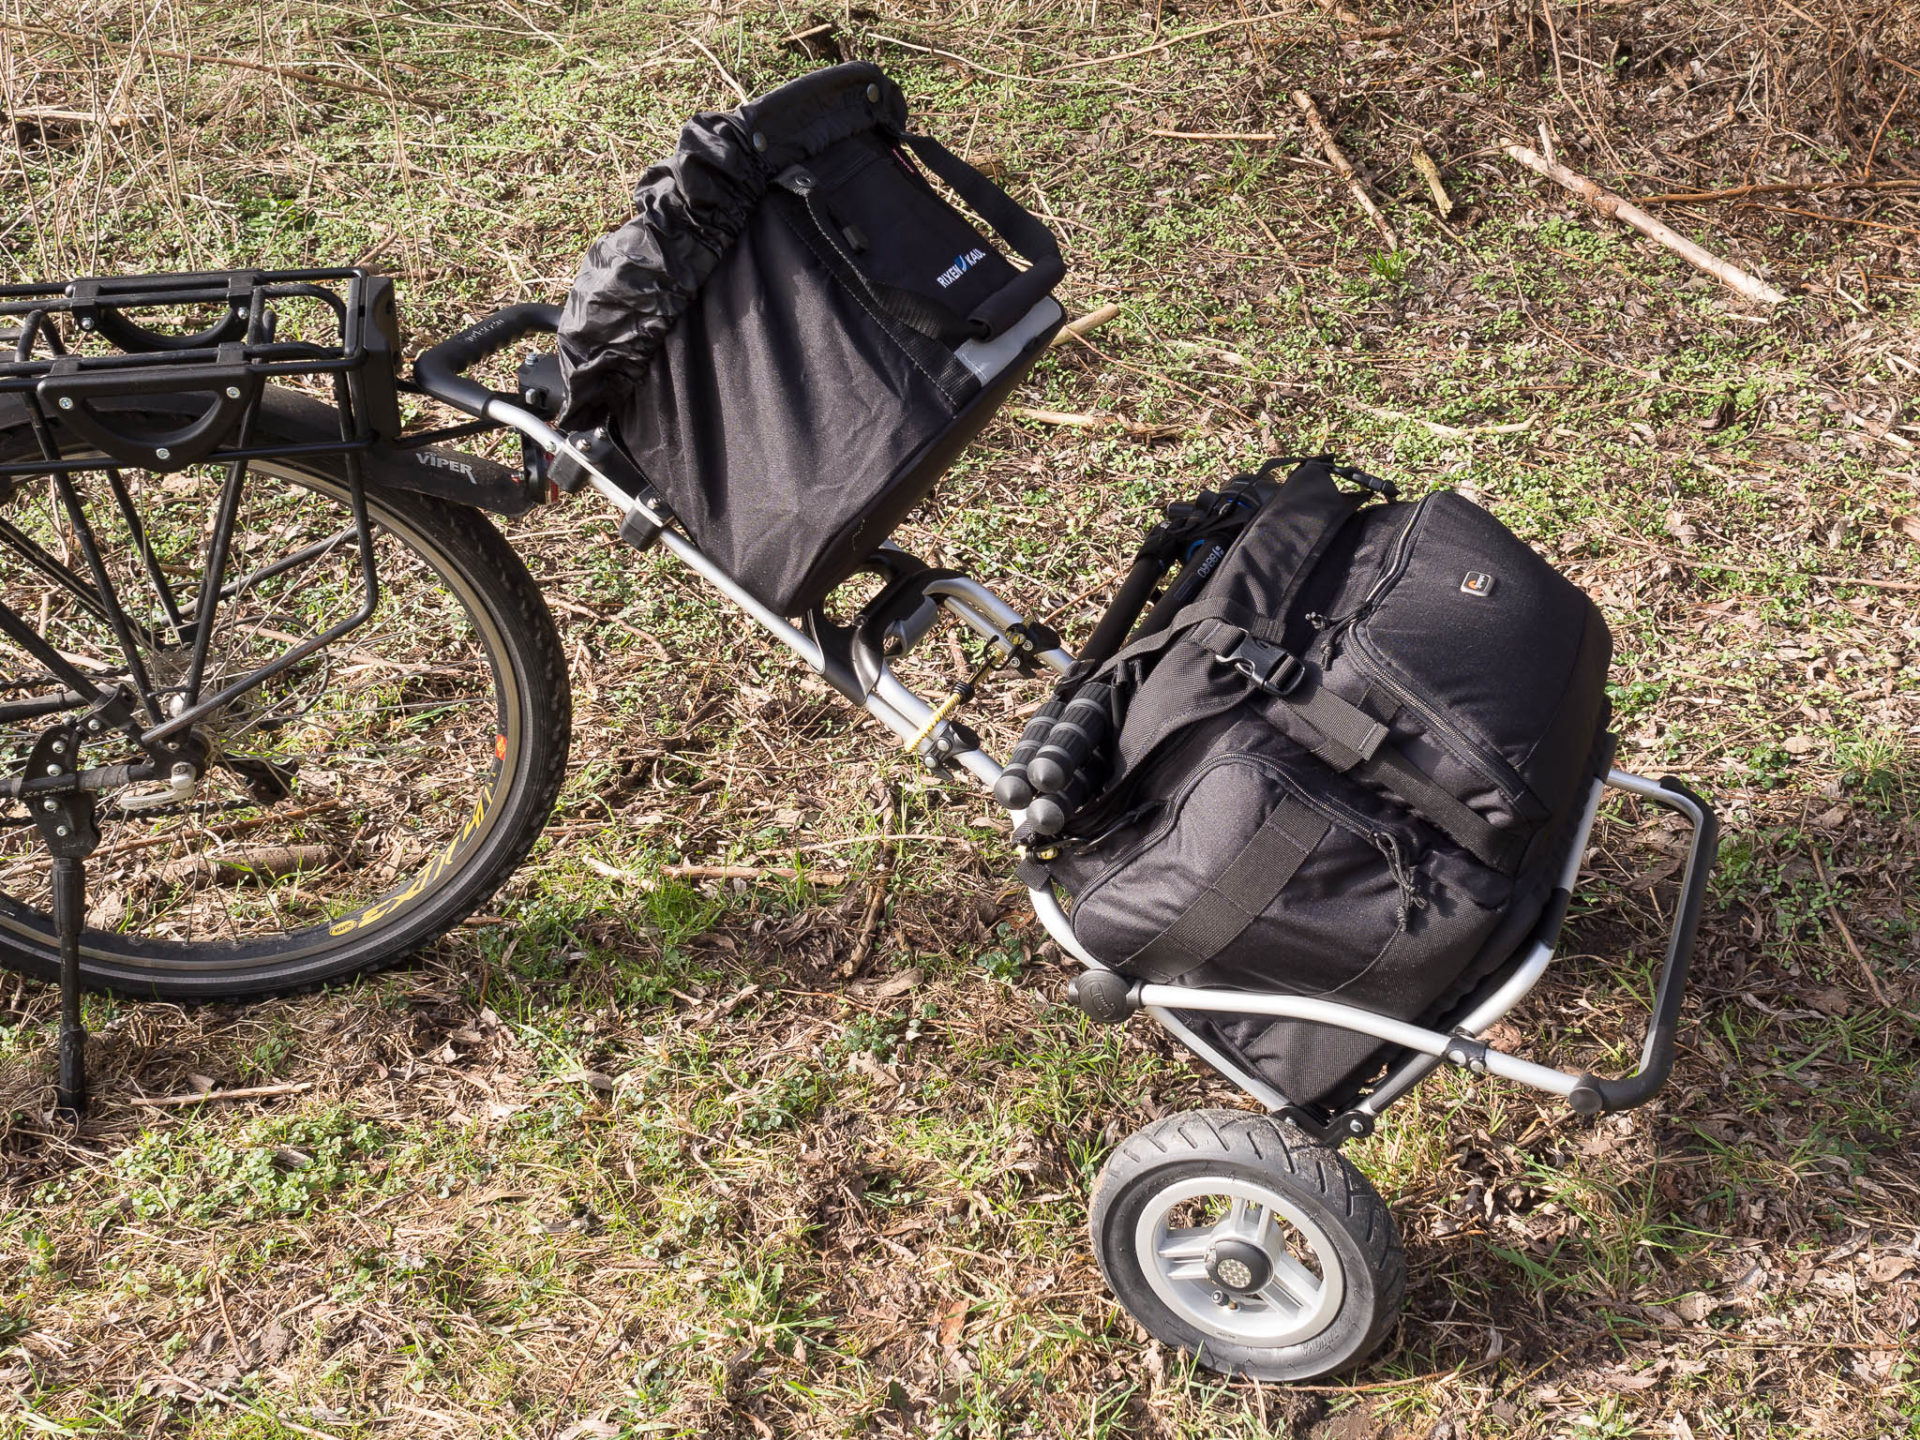 Fototrolley an Fahrradkupplung